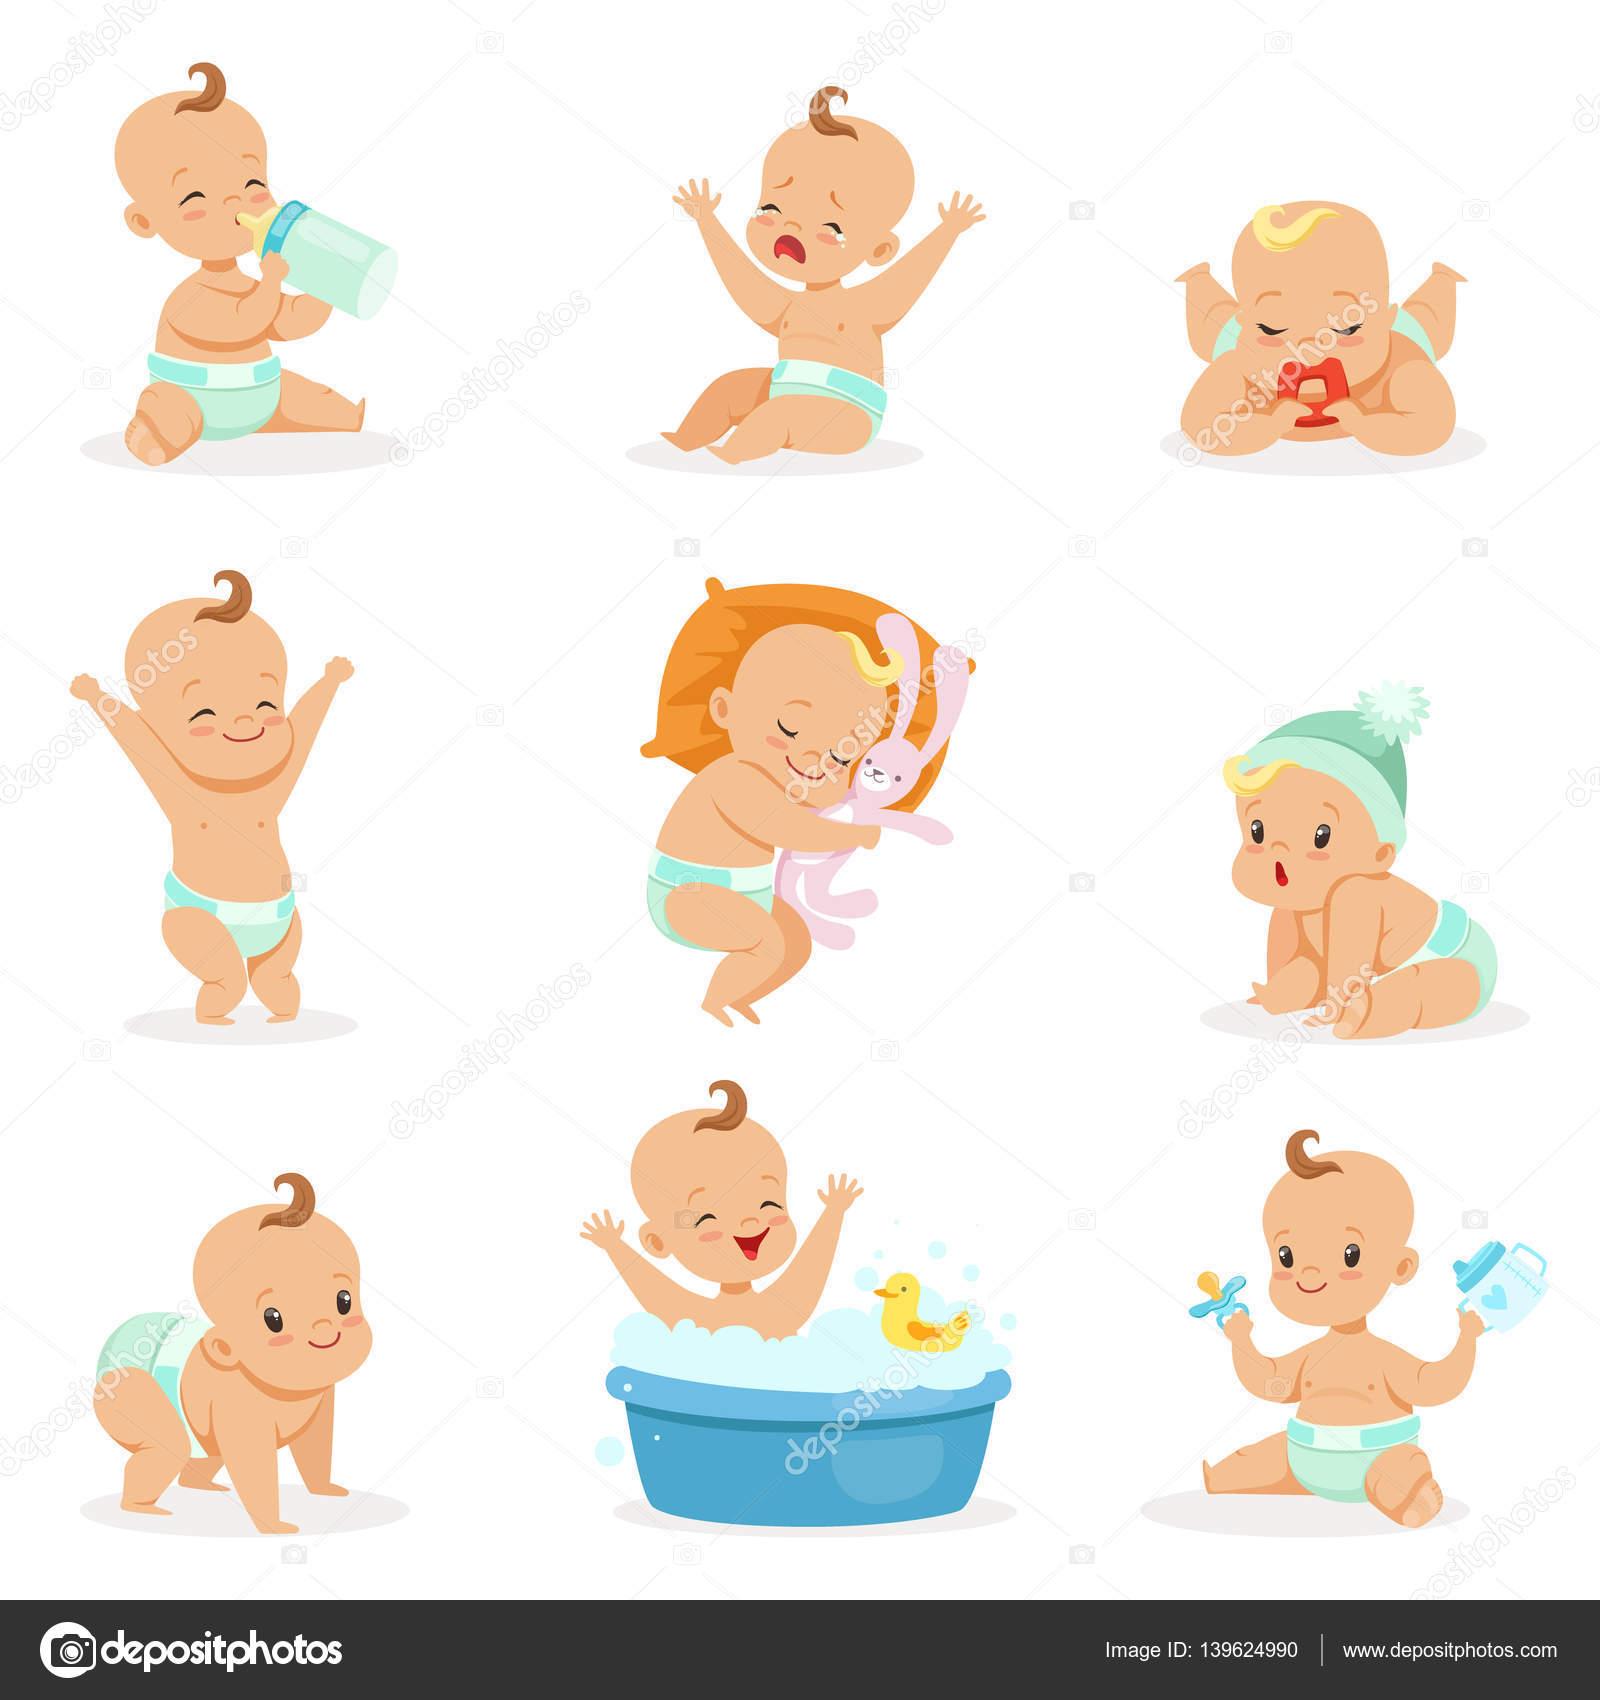 adorable b u00e9b u00e9 heureux et sa s u00e9rie de routine quotidienne du dessin anim u00e9 mignon petite enfance